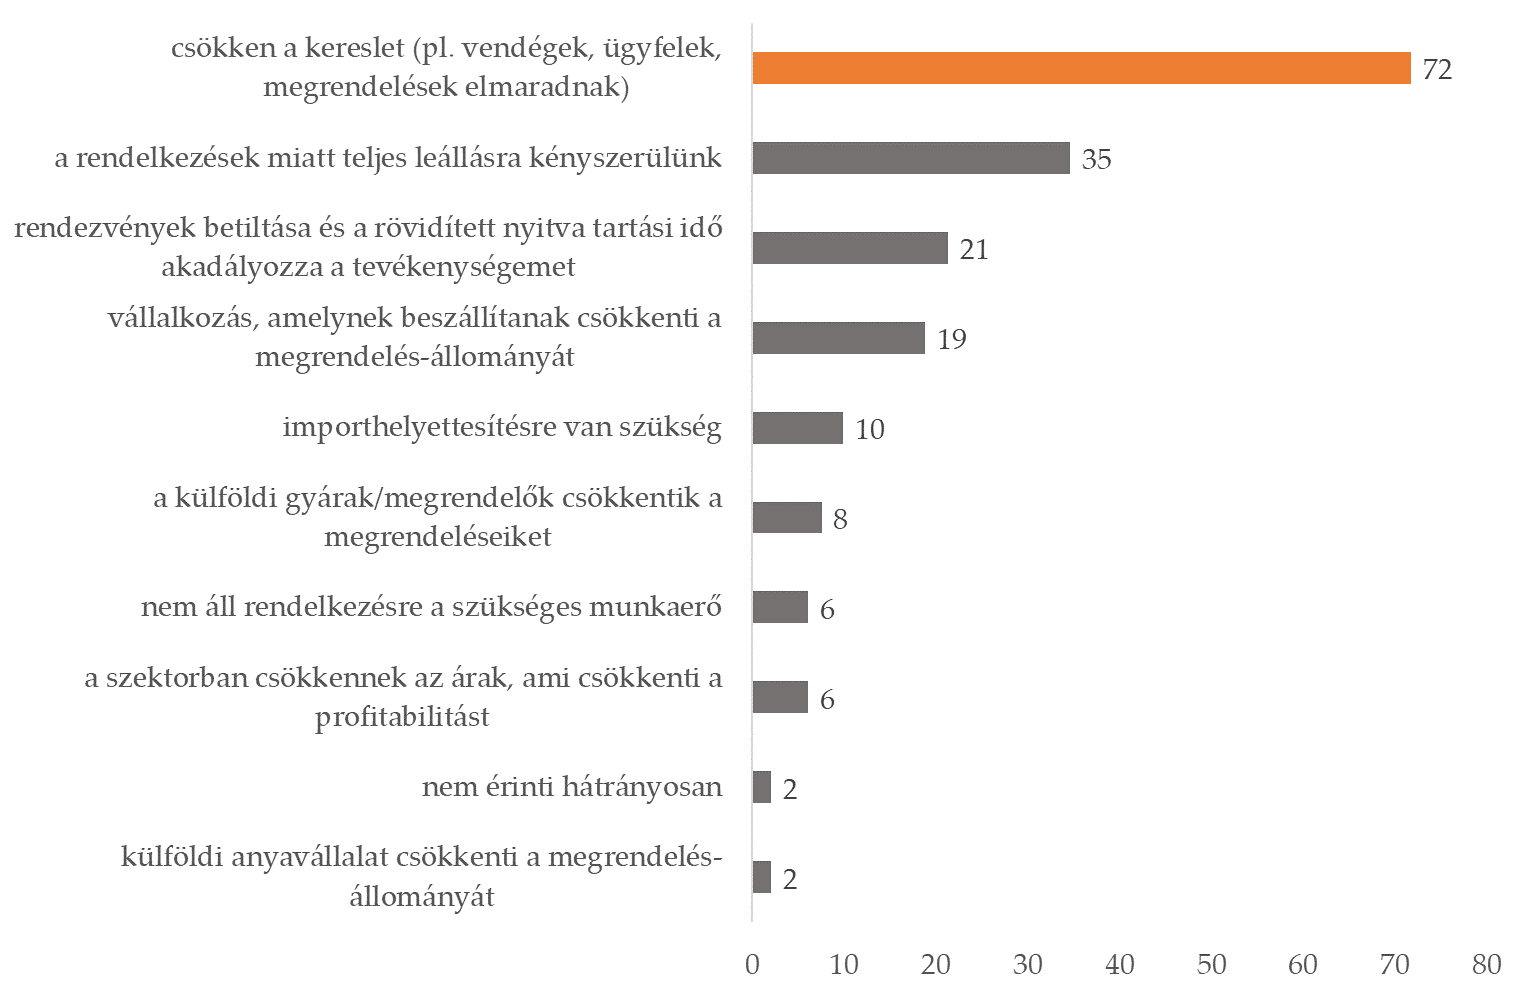 Komárom-Esztergom Megyei Kereskedelmi és Iparkamara